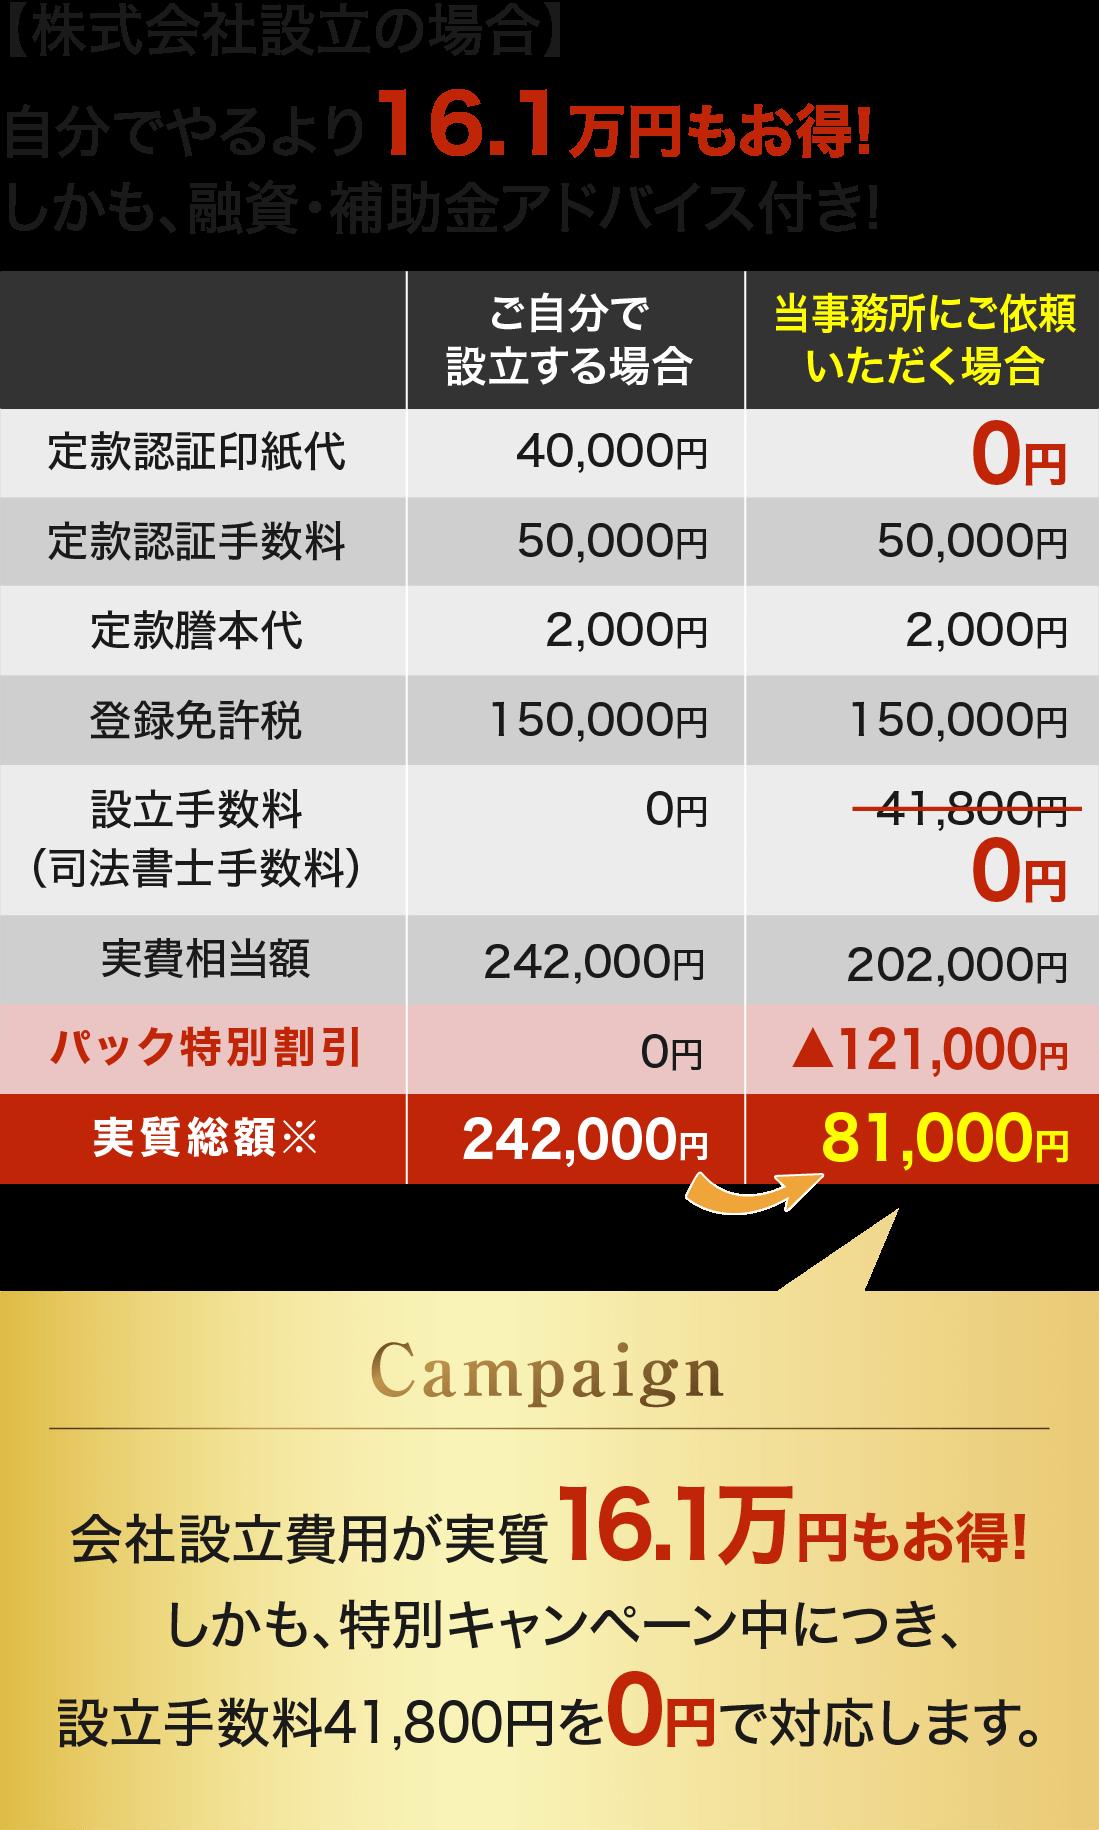 法人設立キャンペーン比較